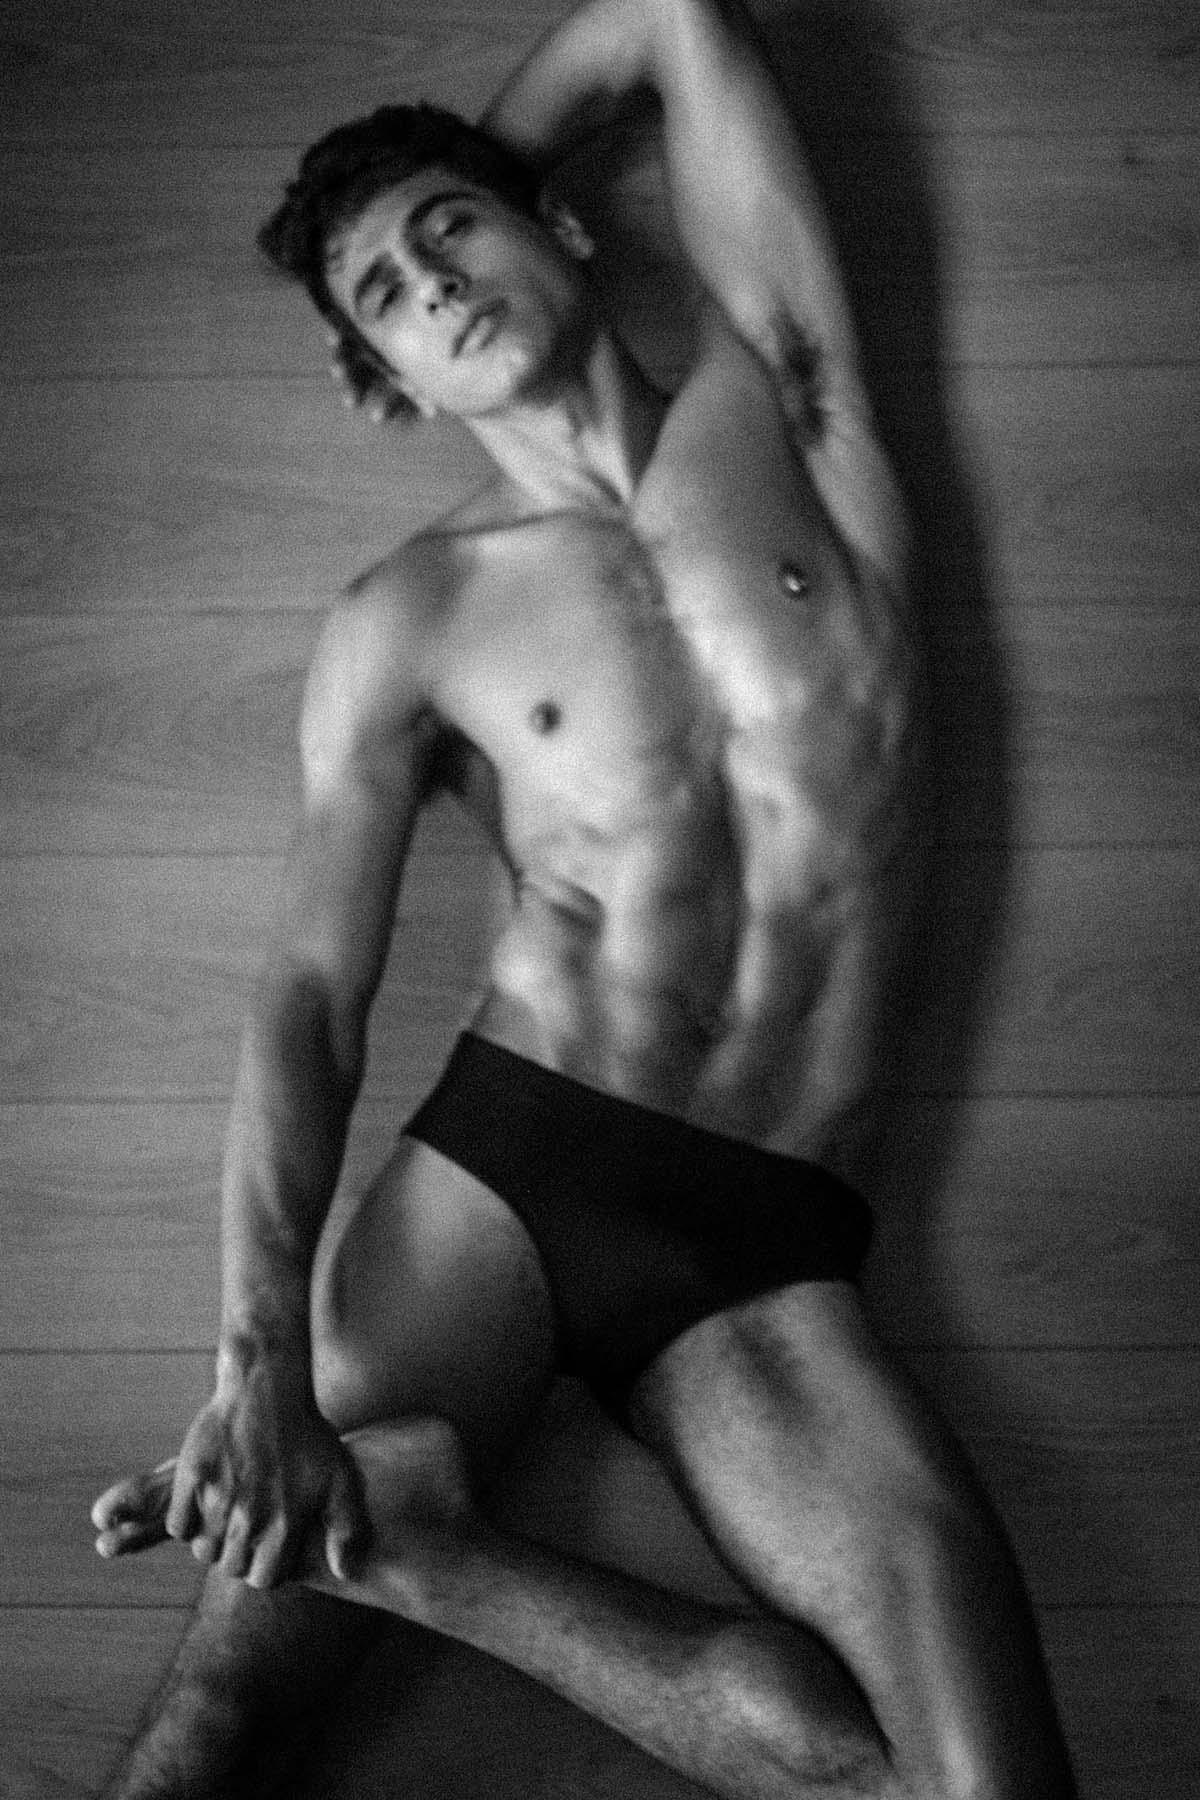 Vinícius Severo by Tarcisio Generoso for Brazilian Male Model